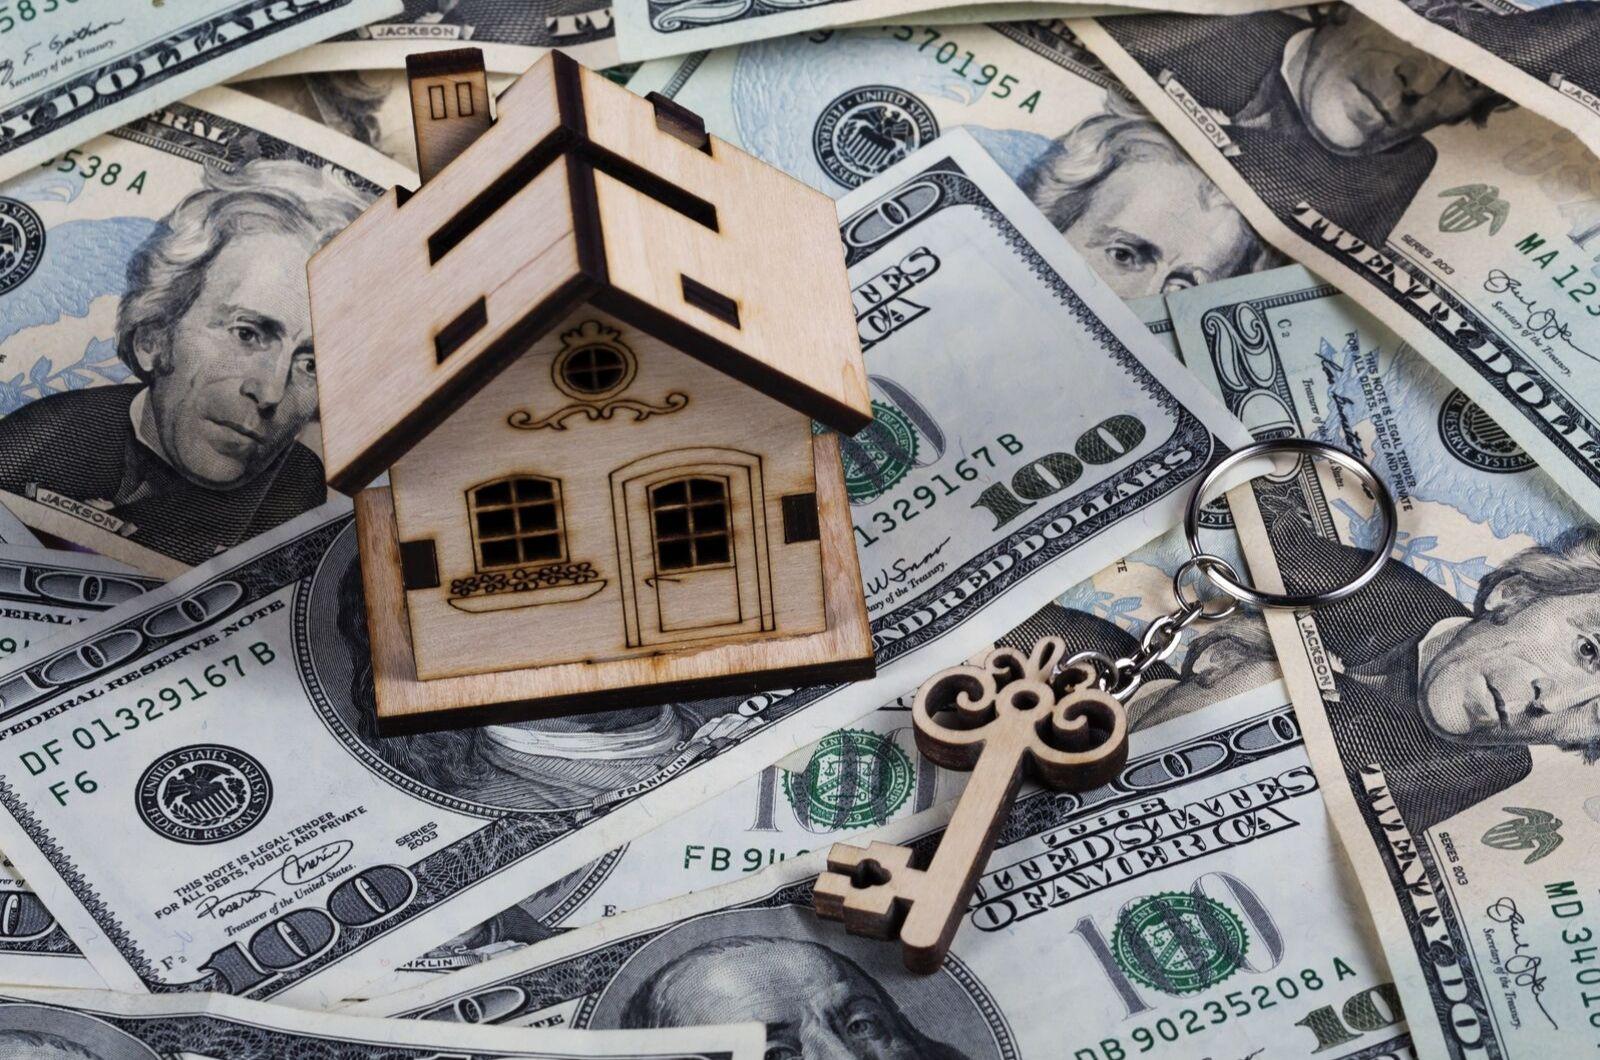 【第19回】融資地獄に陥ったら、持ち家はどうなる? 家を残す方法と、手放して再出発する方法